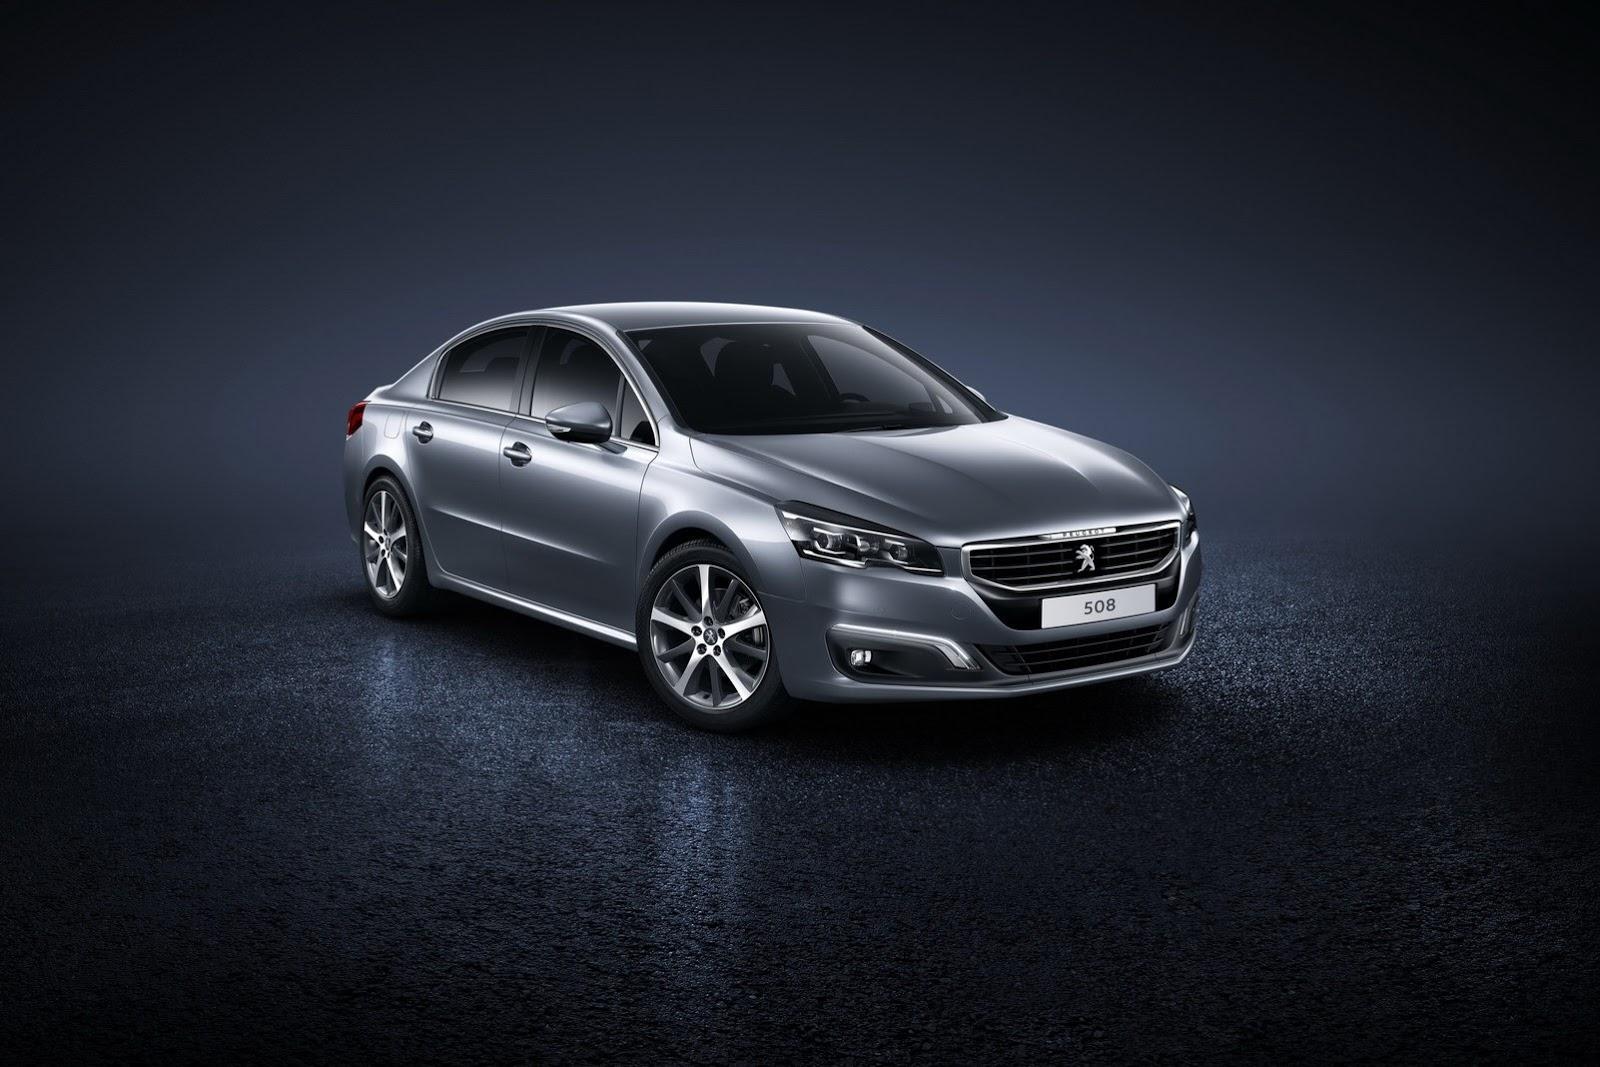 2015-Peugeot-508-2%25255B2%25255D.jpg